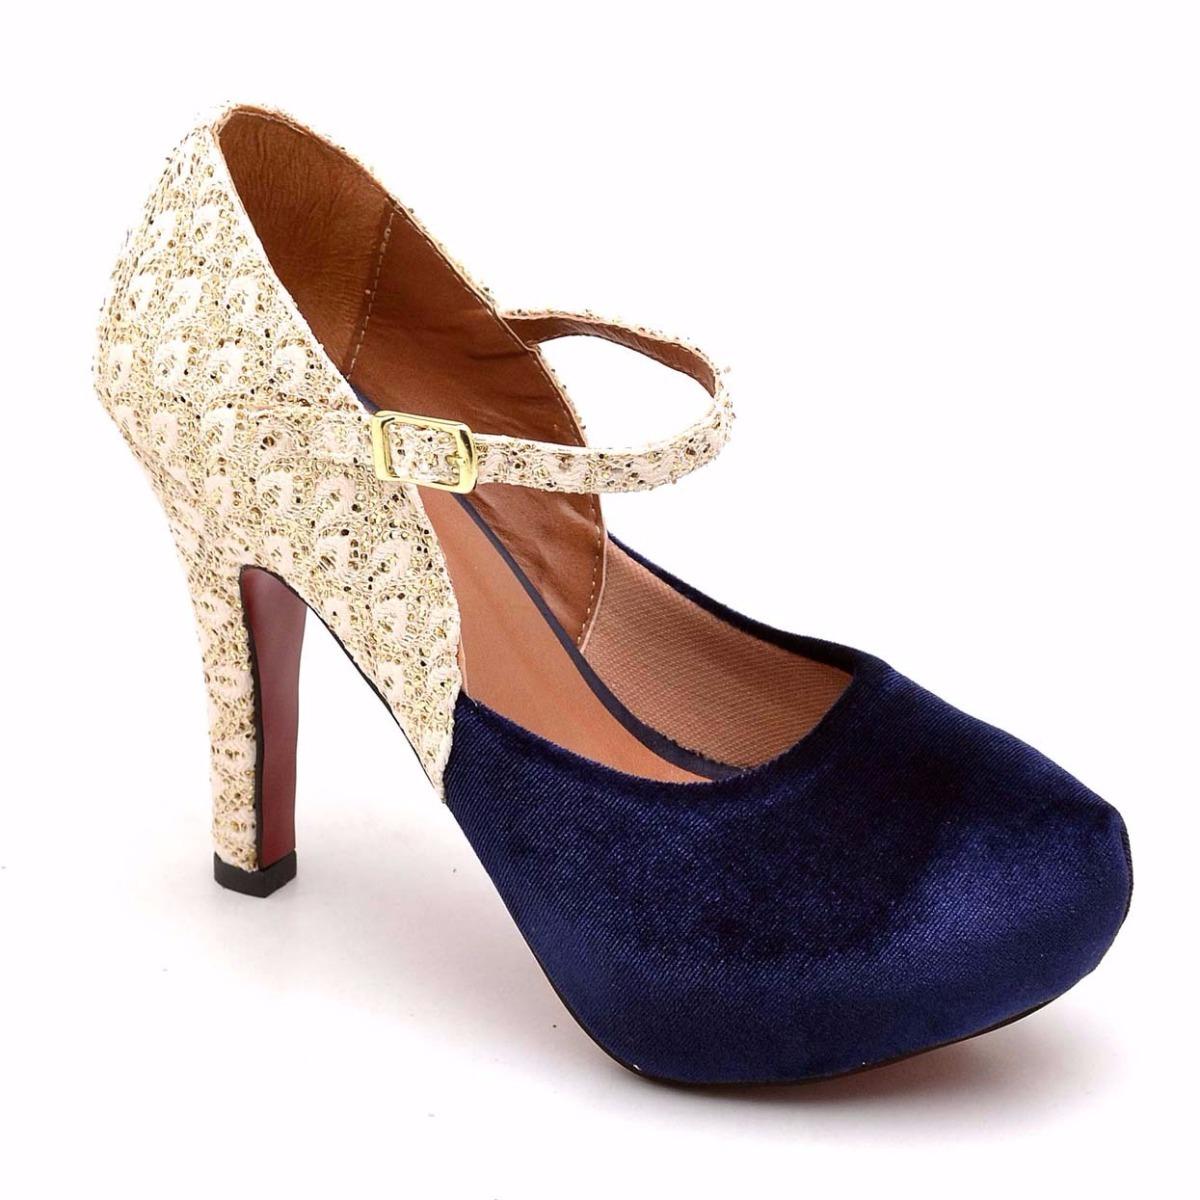 e464c7f18 sandália feminina salto alto estilo dakota brilho festa luxo. Carregando  zoom.